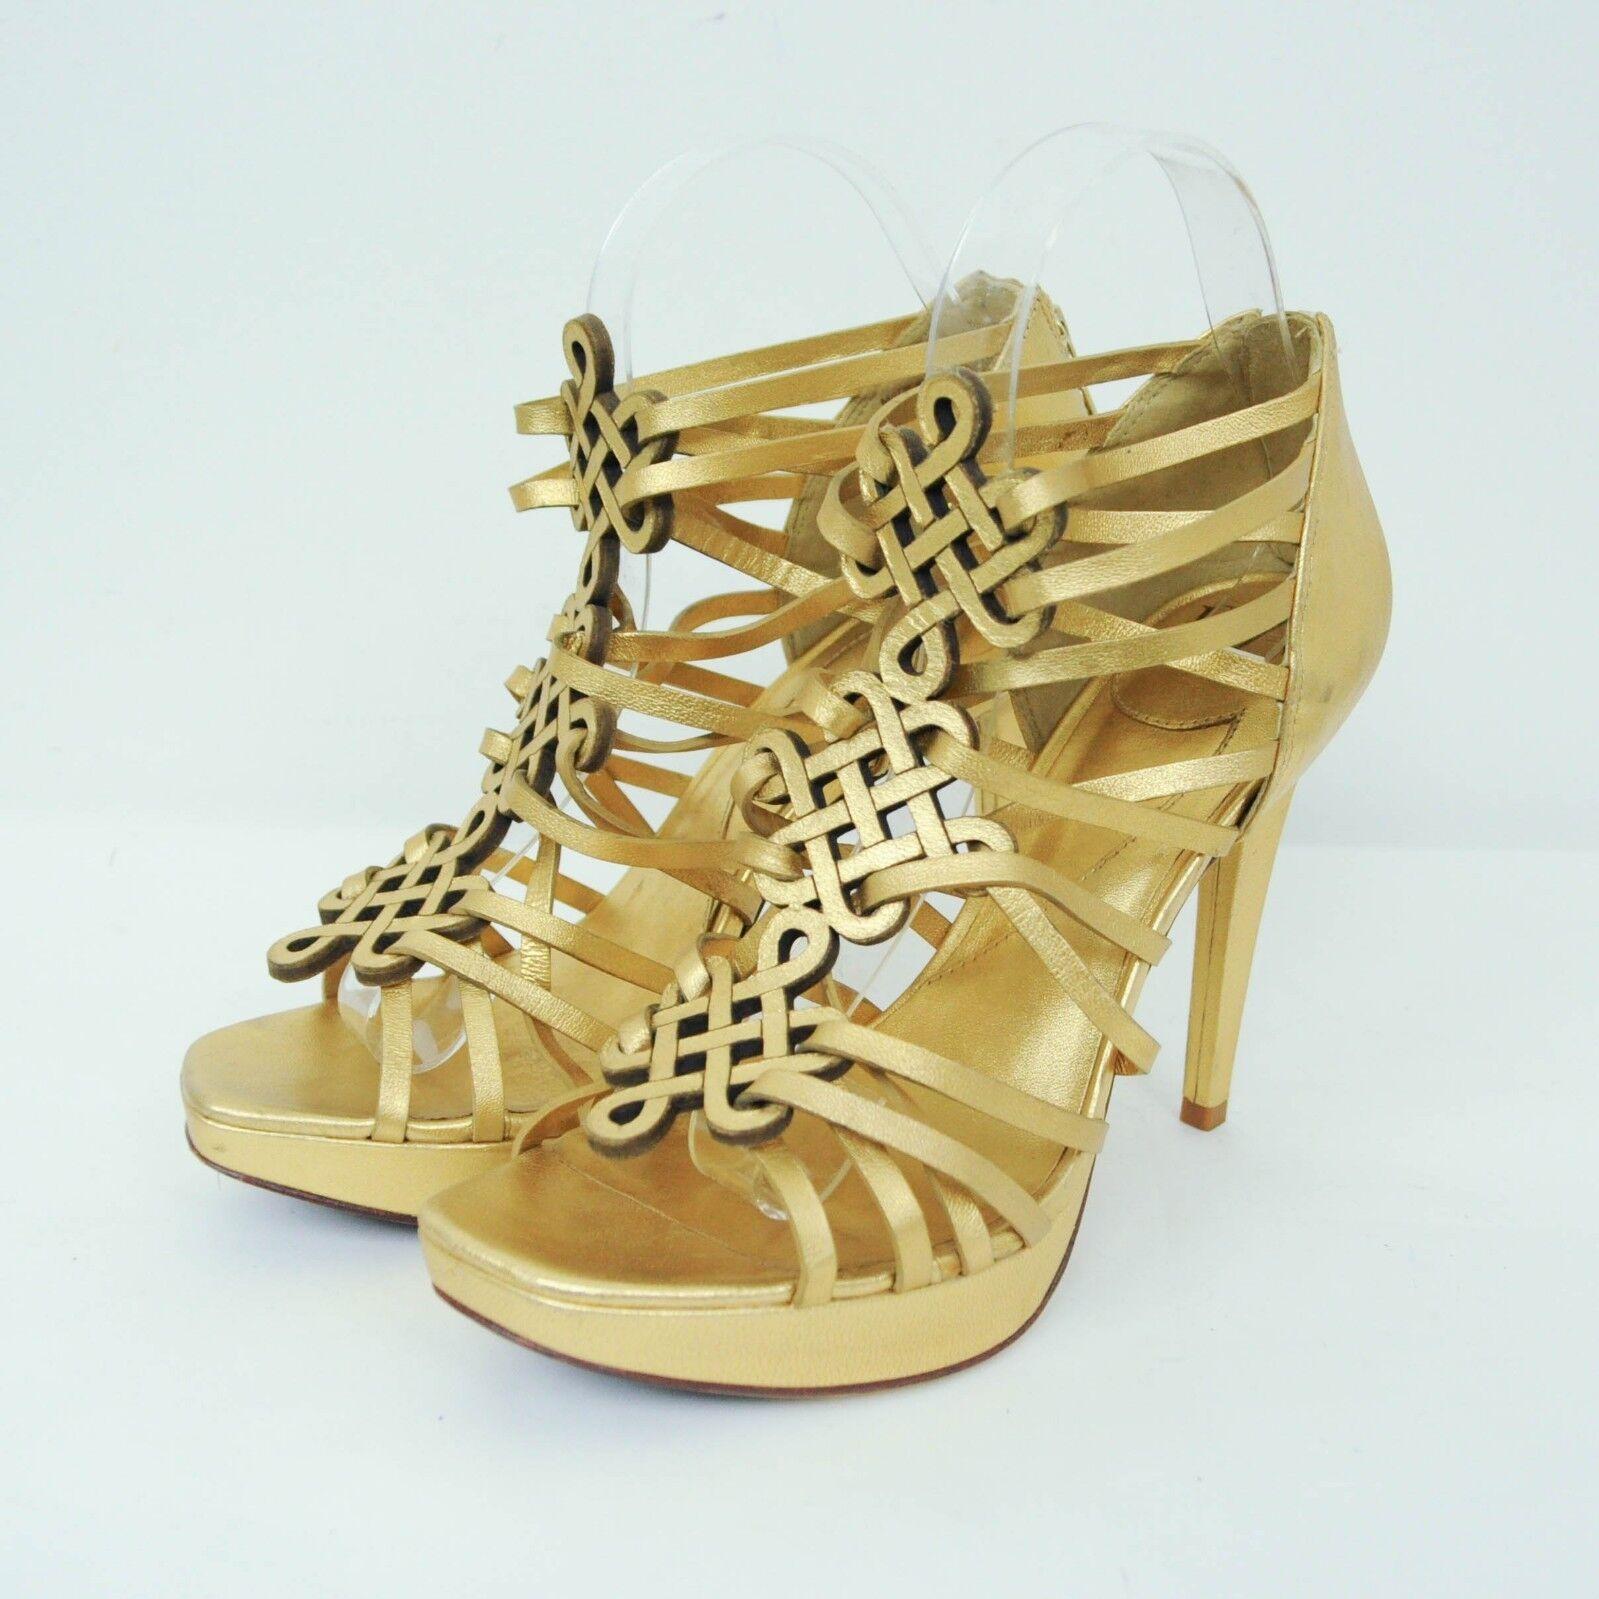 Diane Von Furstenberg Platform Heels 7.5 gold Strappy Stilettos Sandals Leather